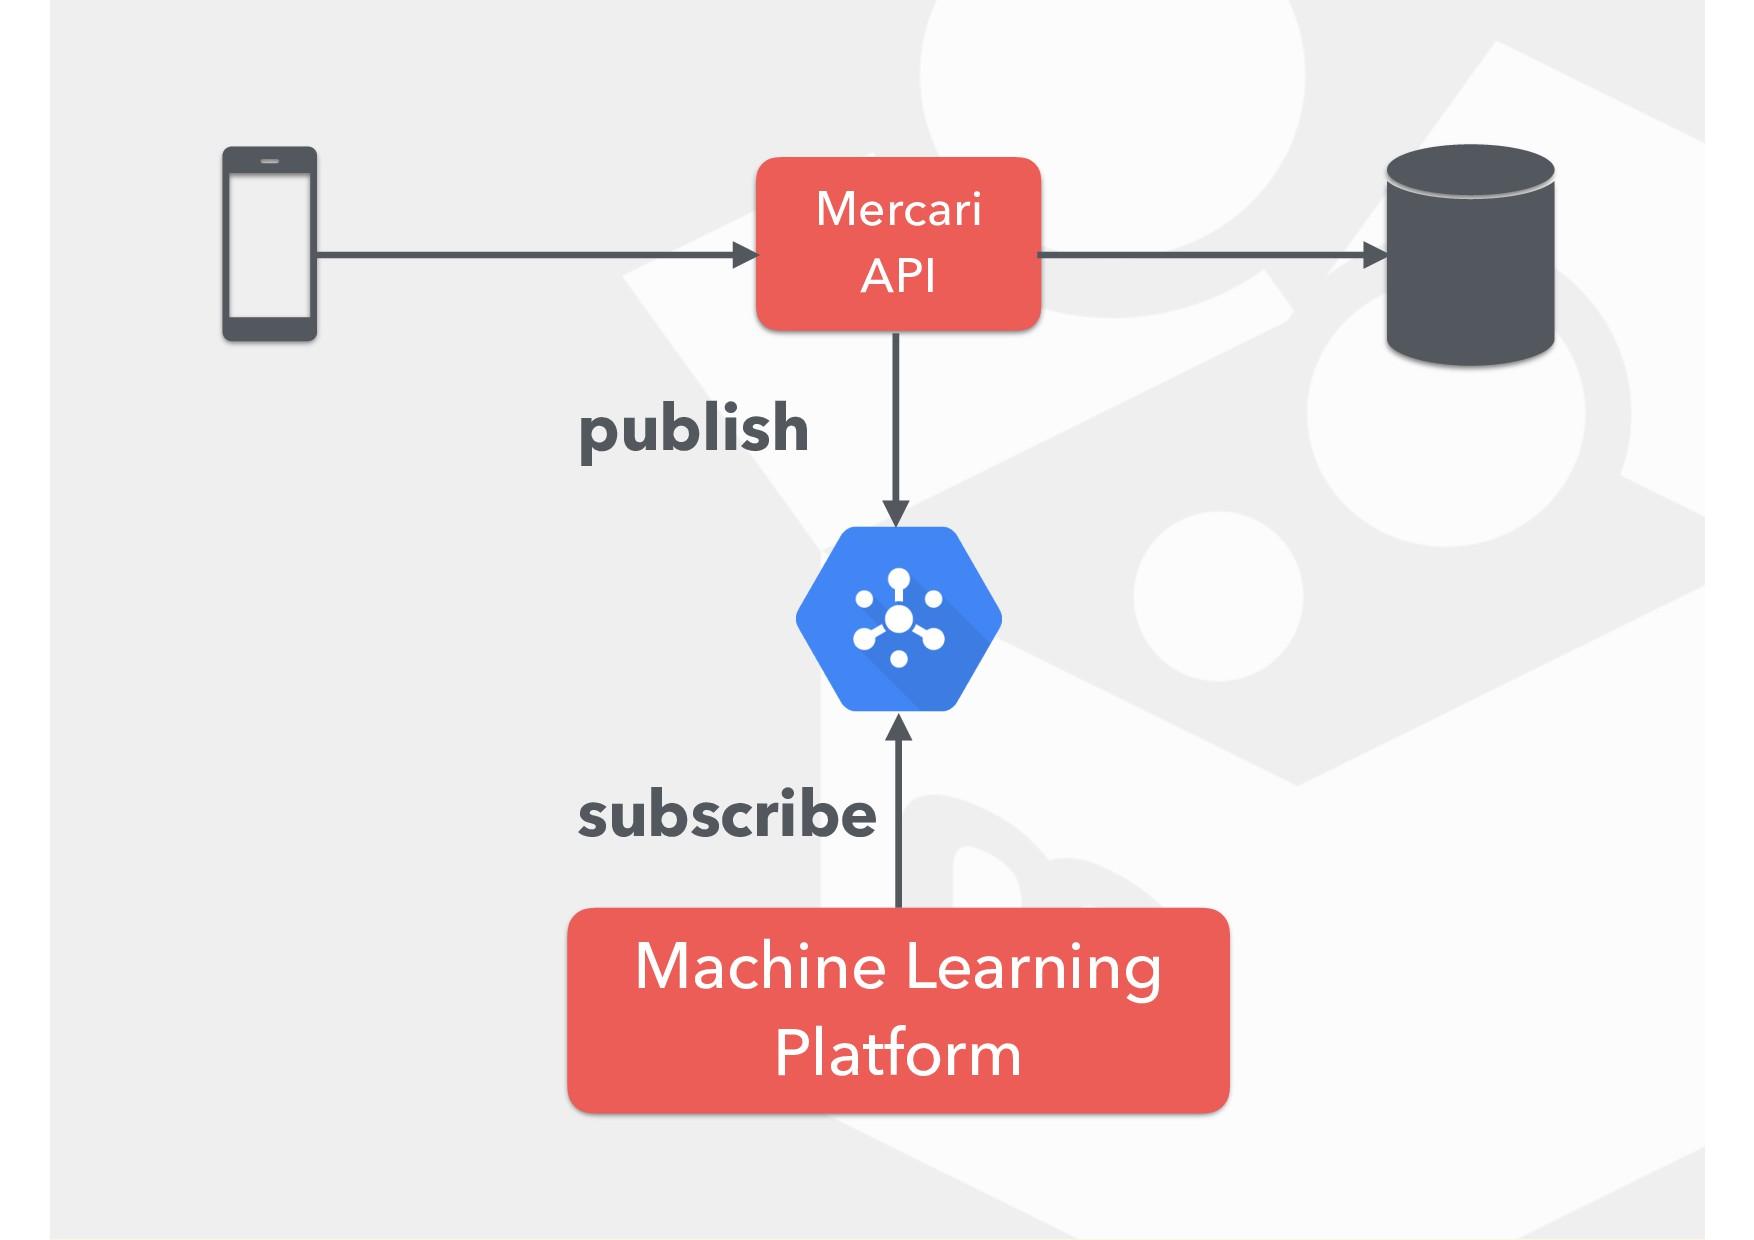 Mercari API Machine Learning Platform publish...